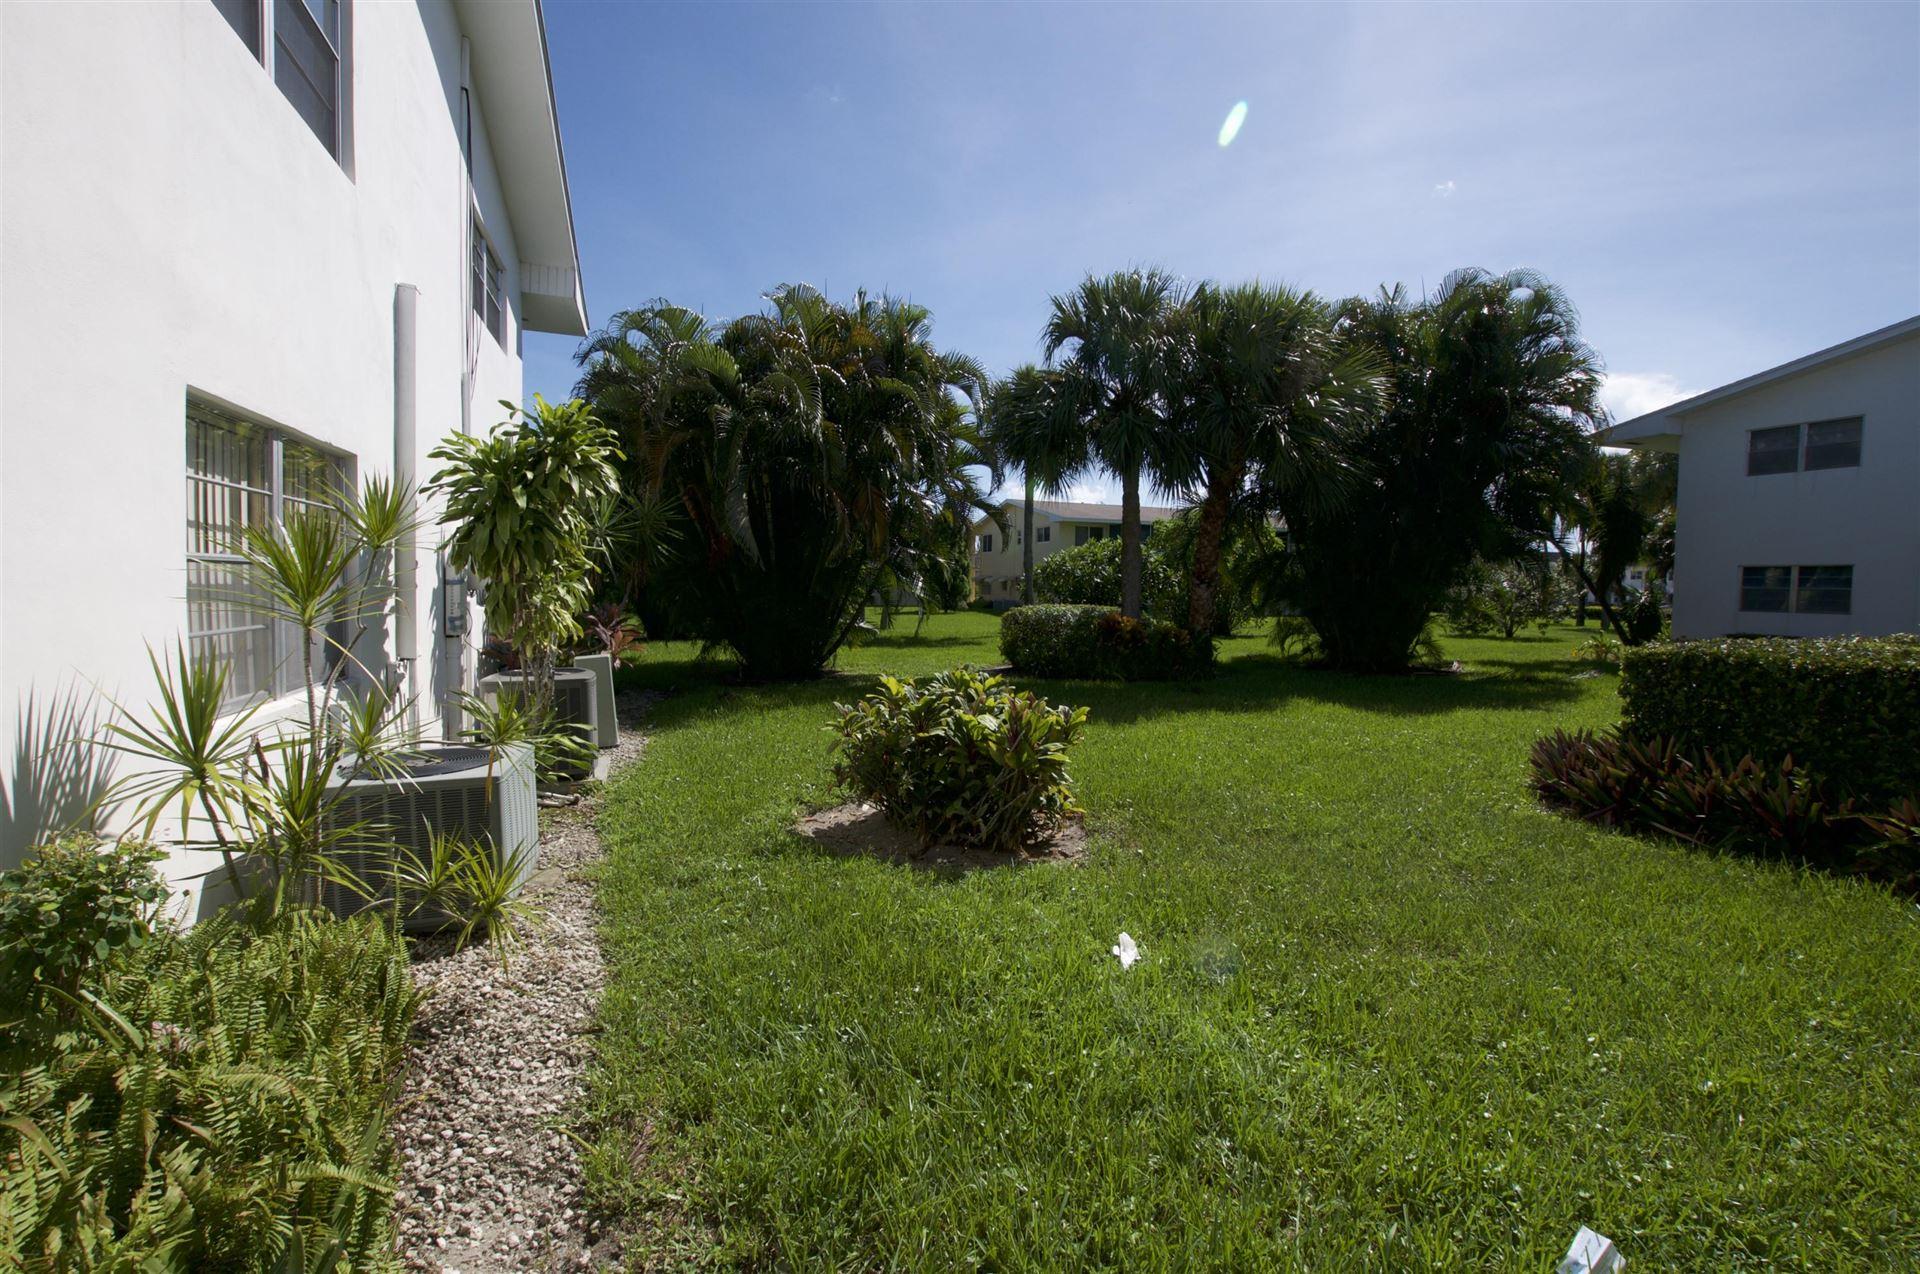 176 Waltham H #176, West Palm Beach, FL 33417 - #: RX-10655909